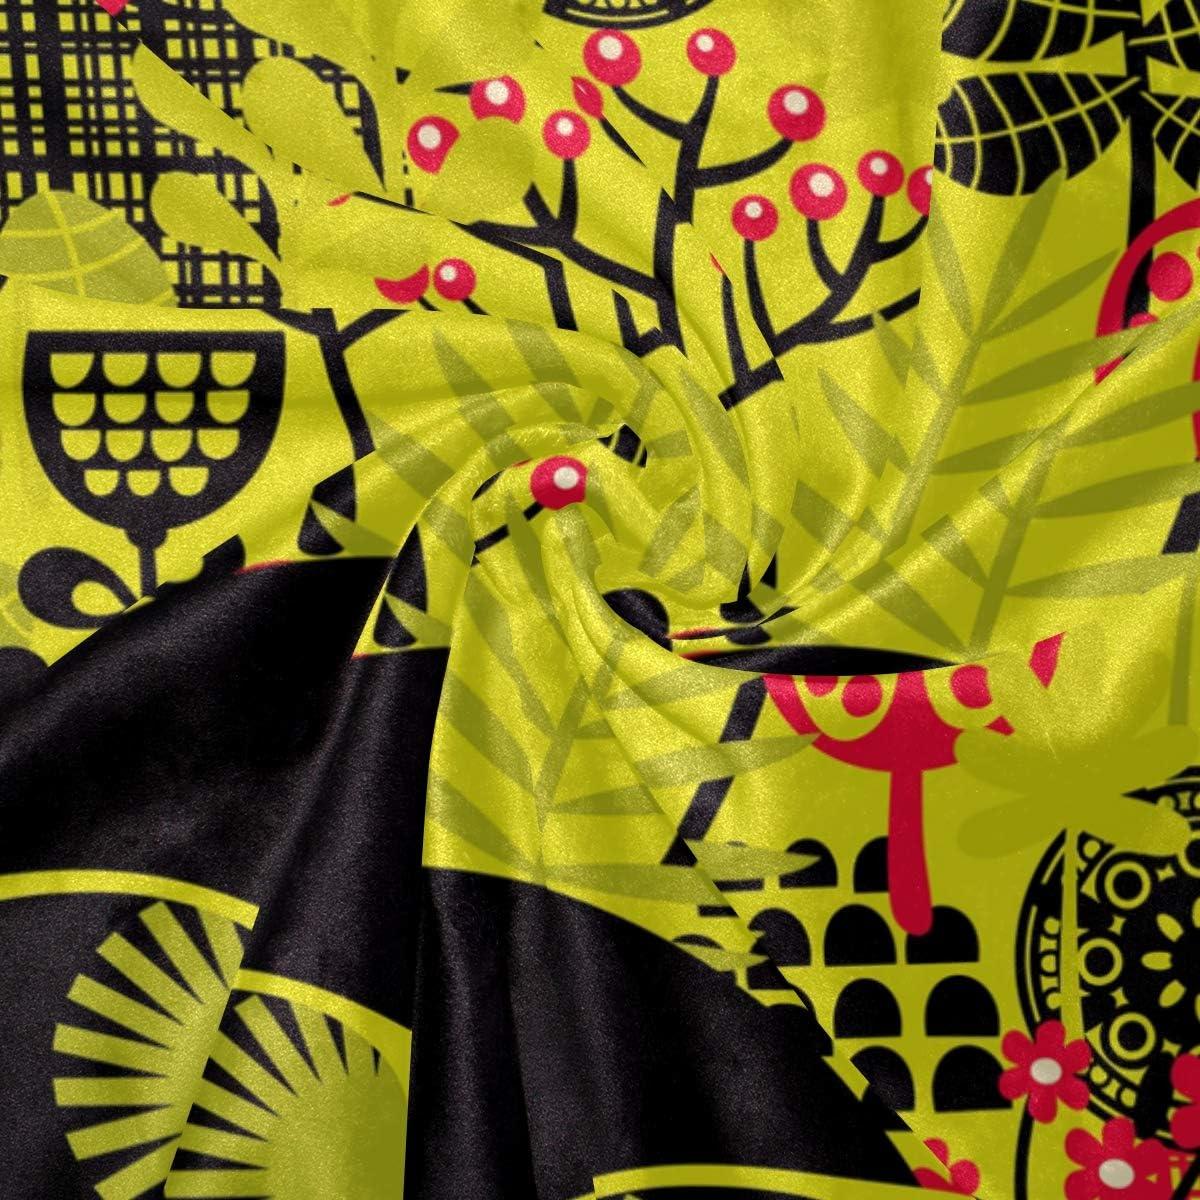 Bennifiry Parure de lit 3 pièces avec Housse de Couette et 2 taies d'oreillers Motif tête Hippie Noir, Multi#003, Taille Unique Multi#002